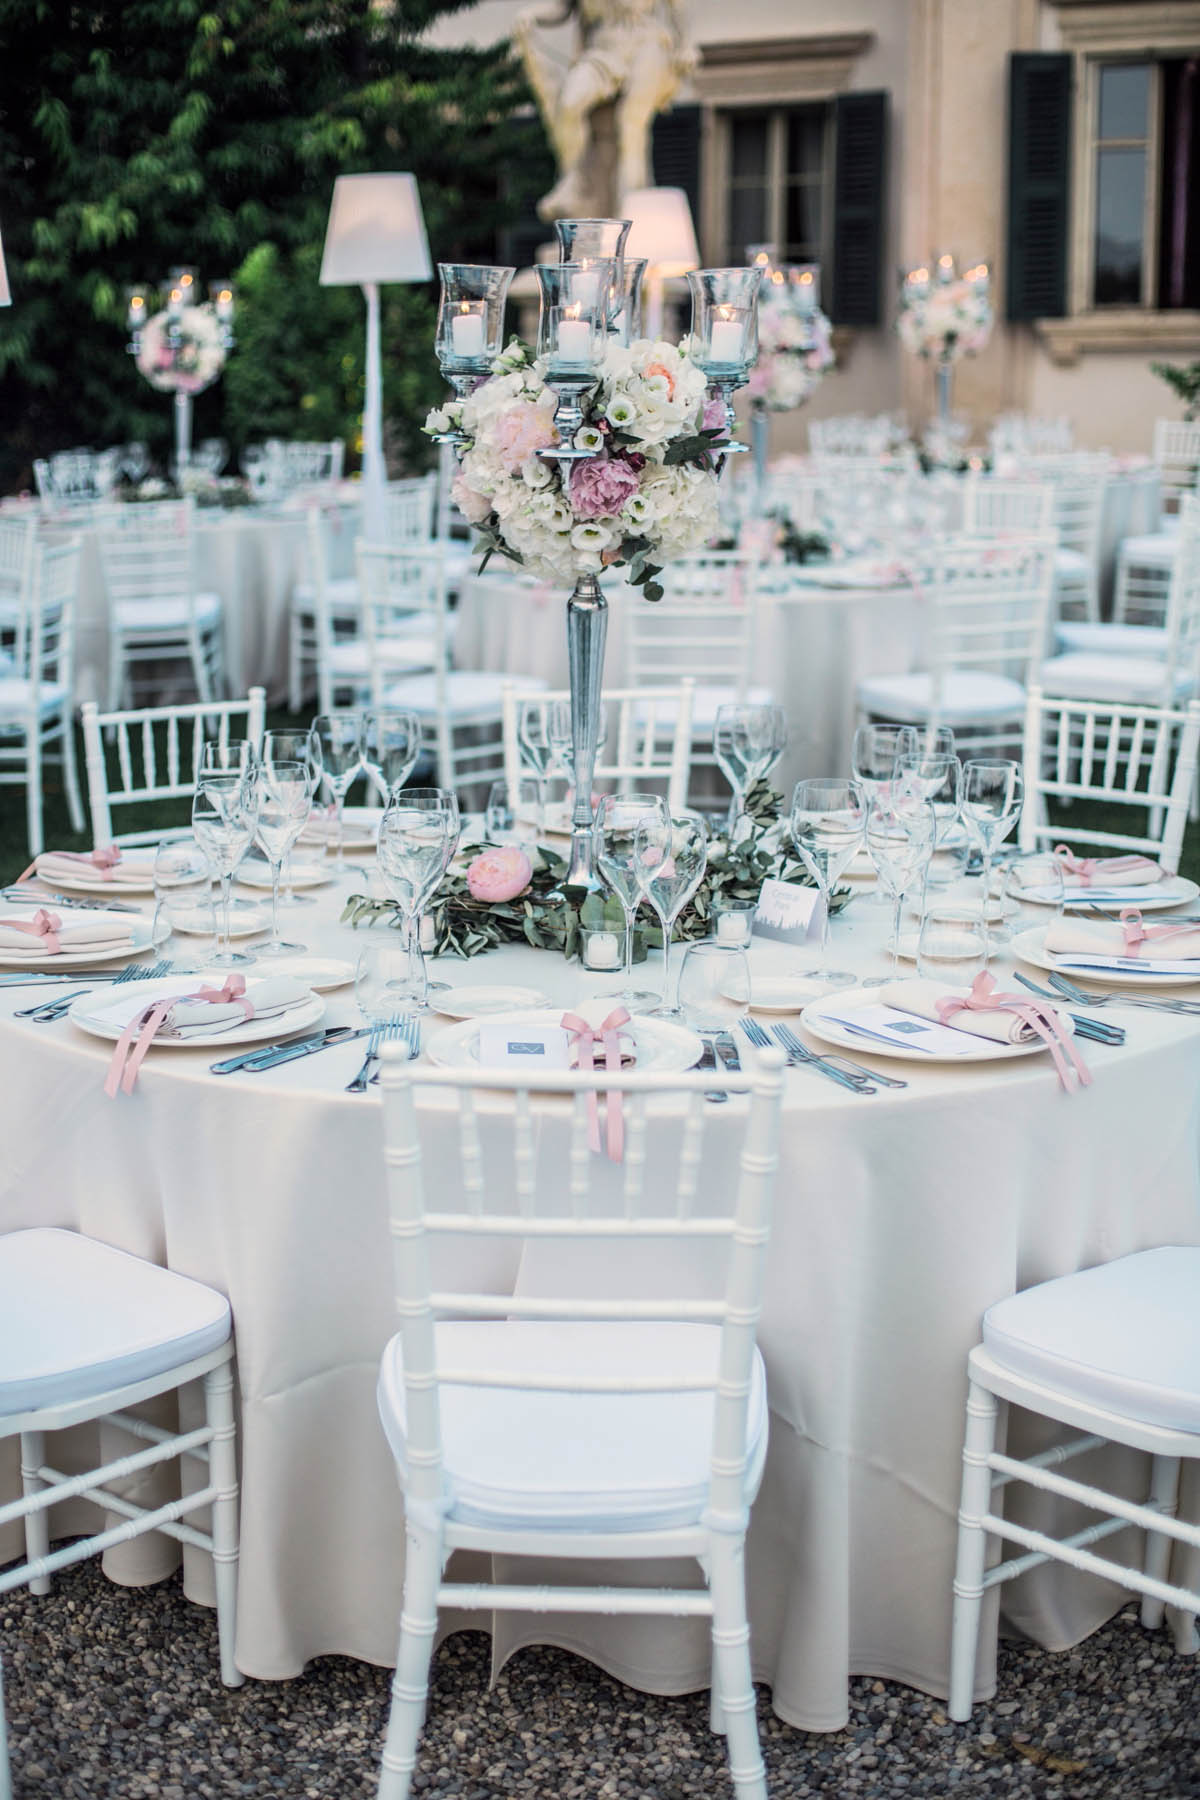 centrotavola argent con fiori rosa e foliage